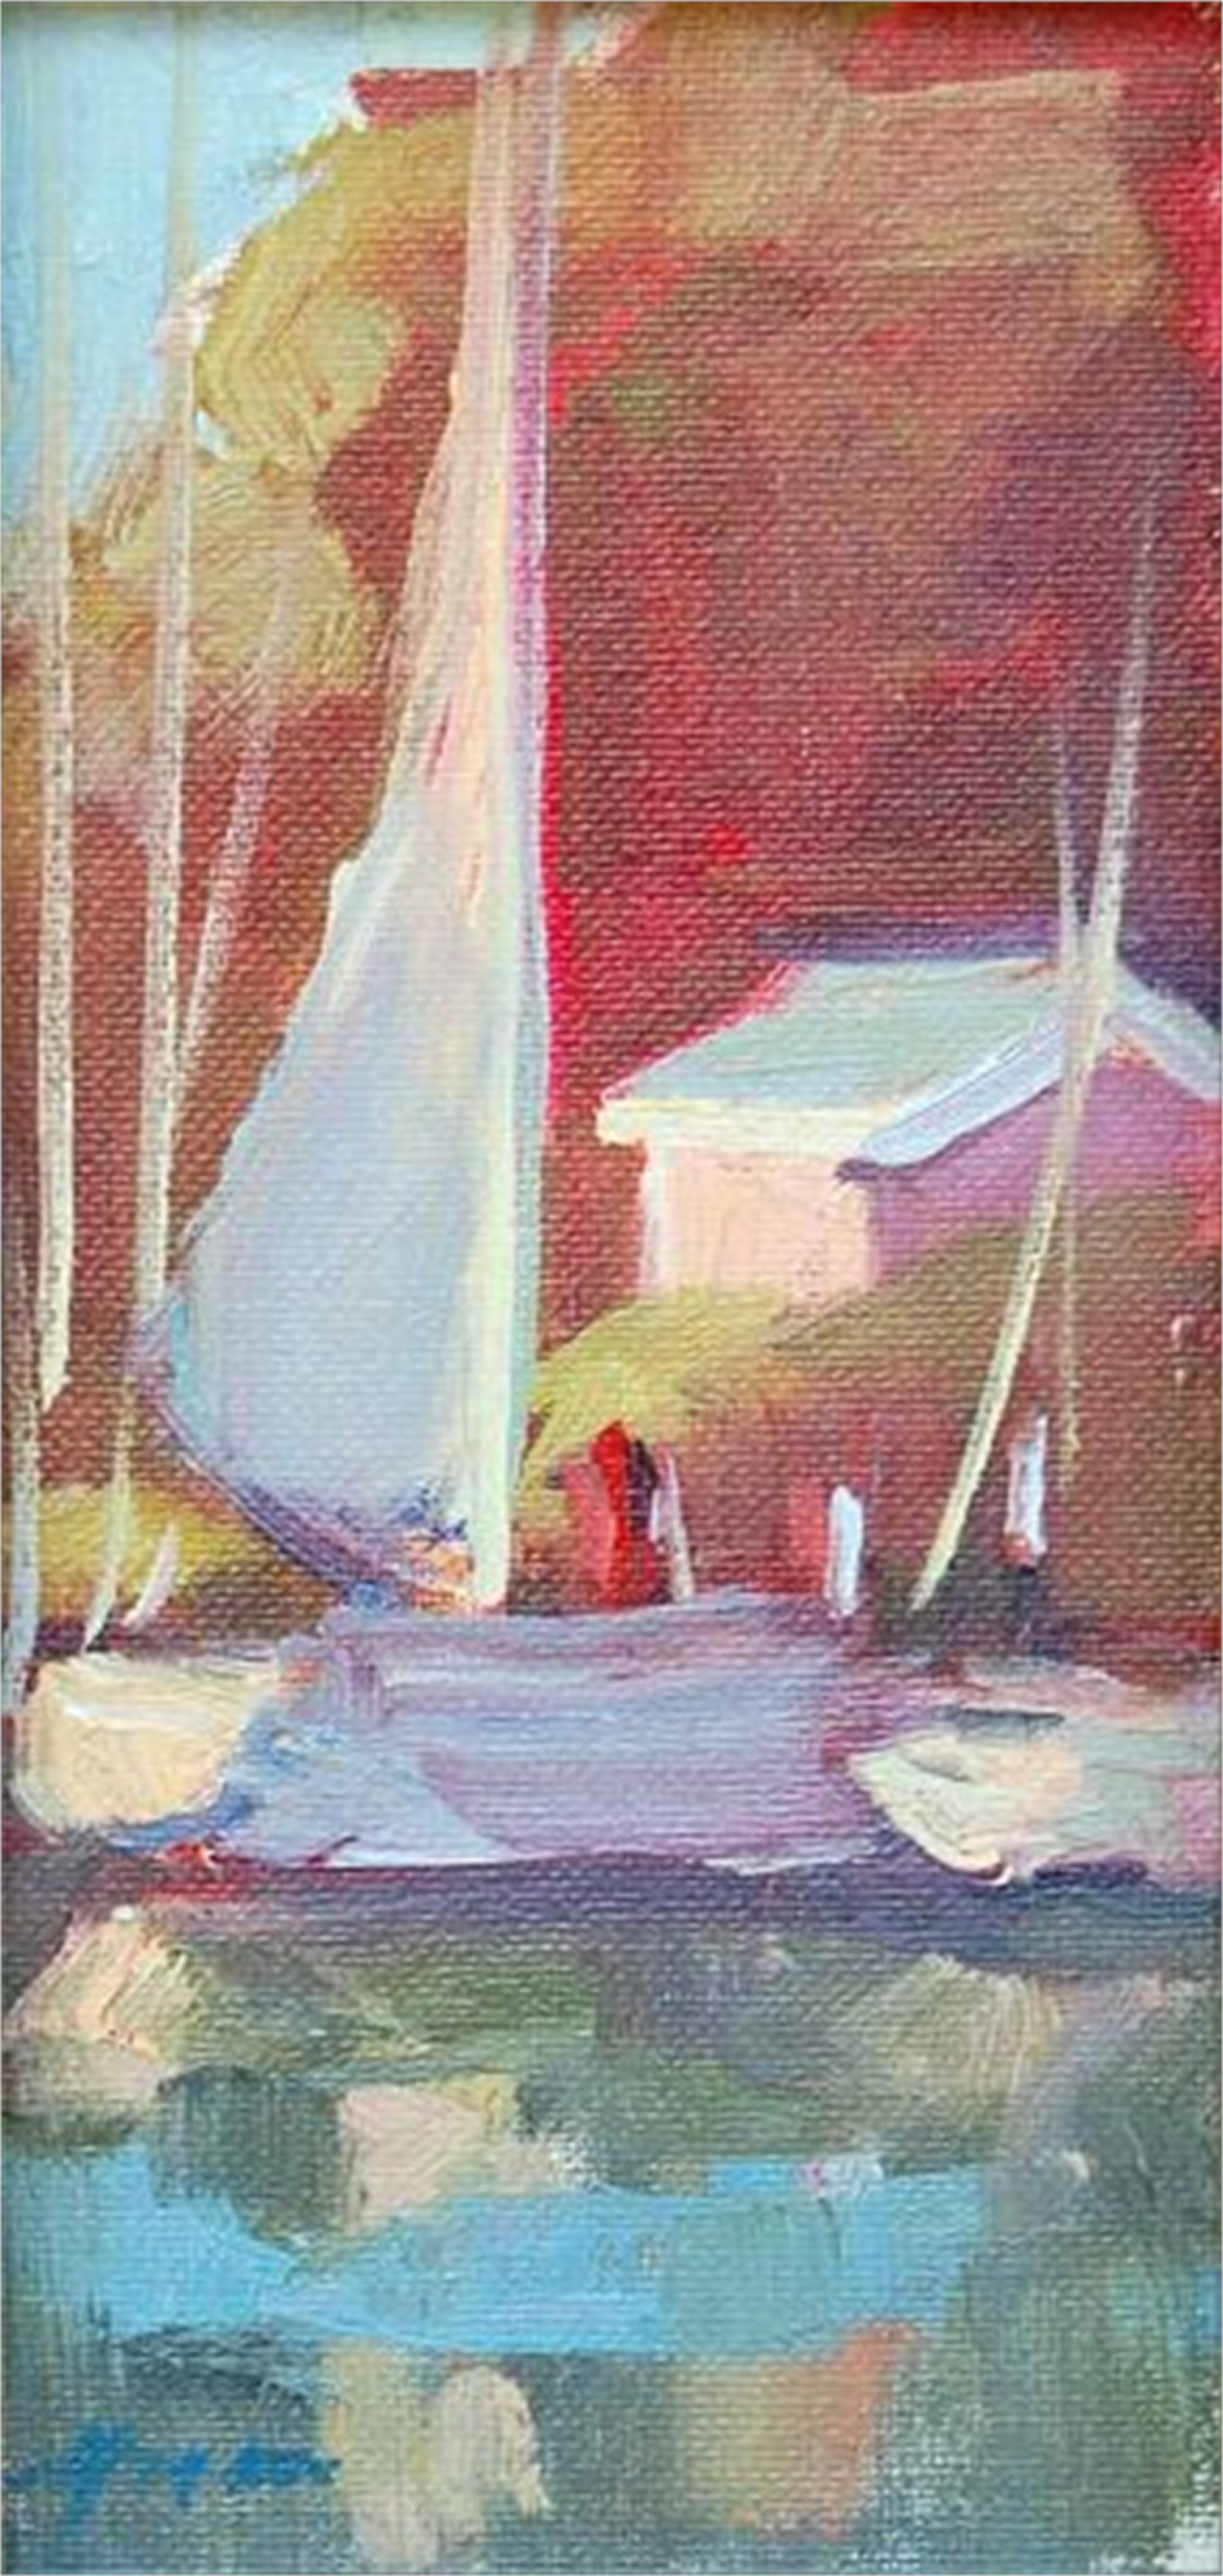 Docked at Hope Town I by Karen Hewitt Hagan